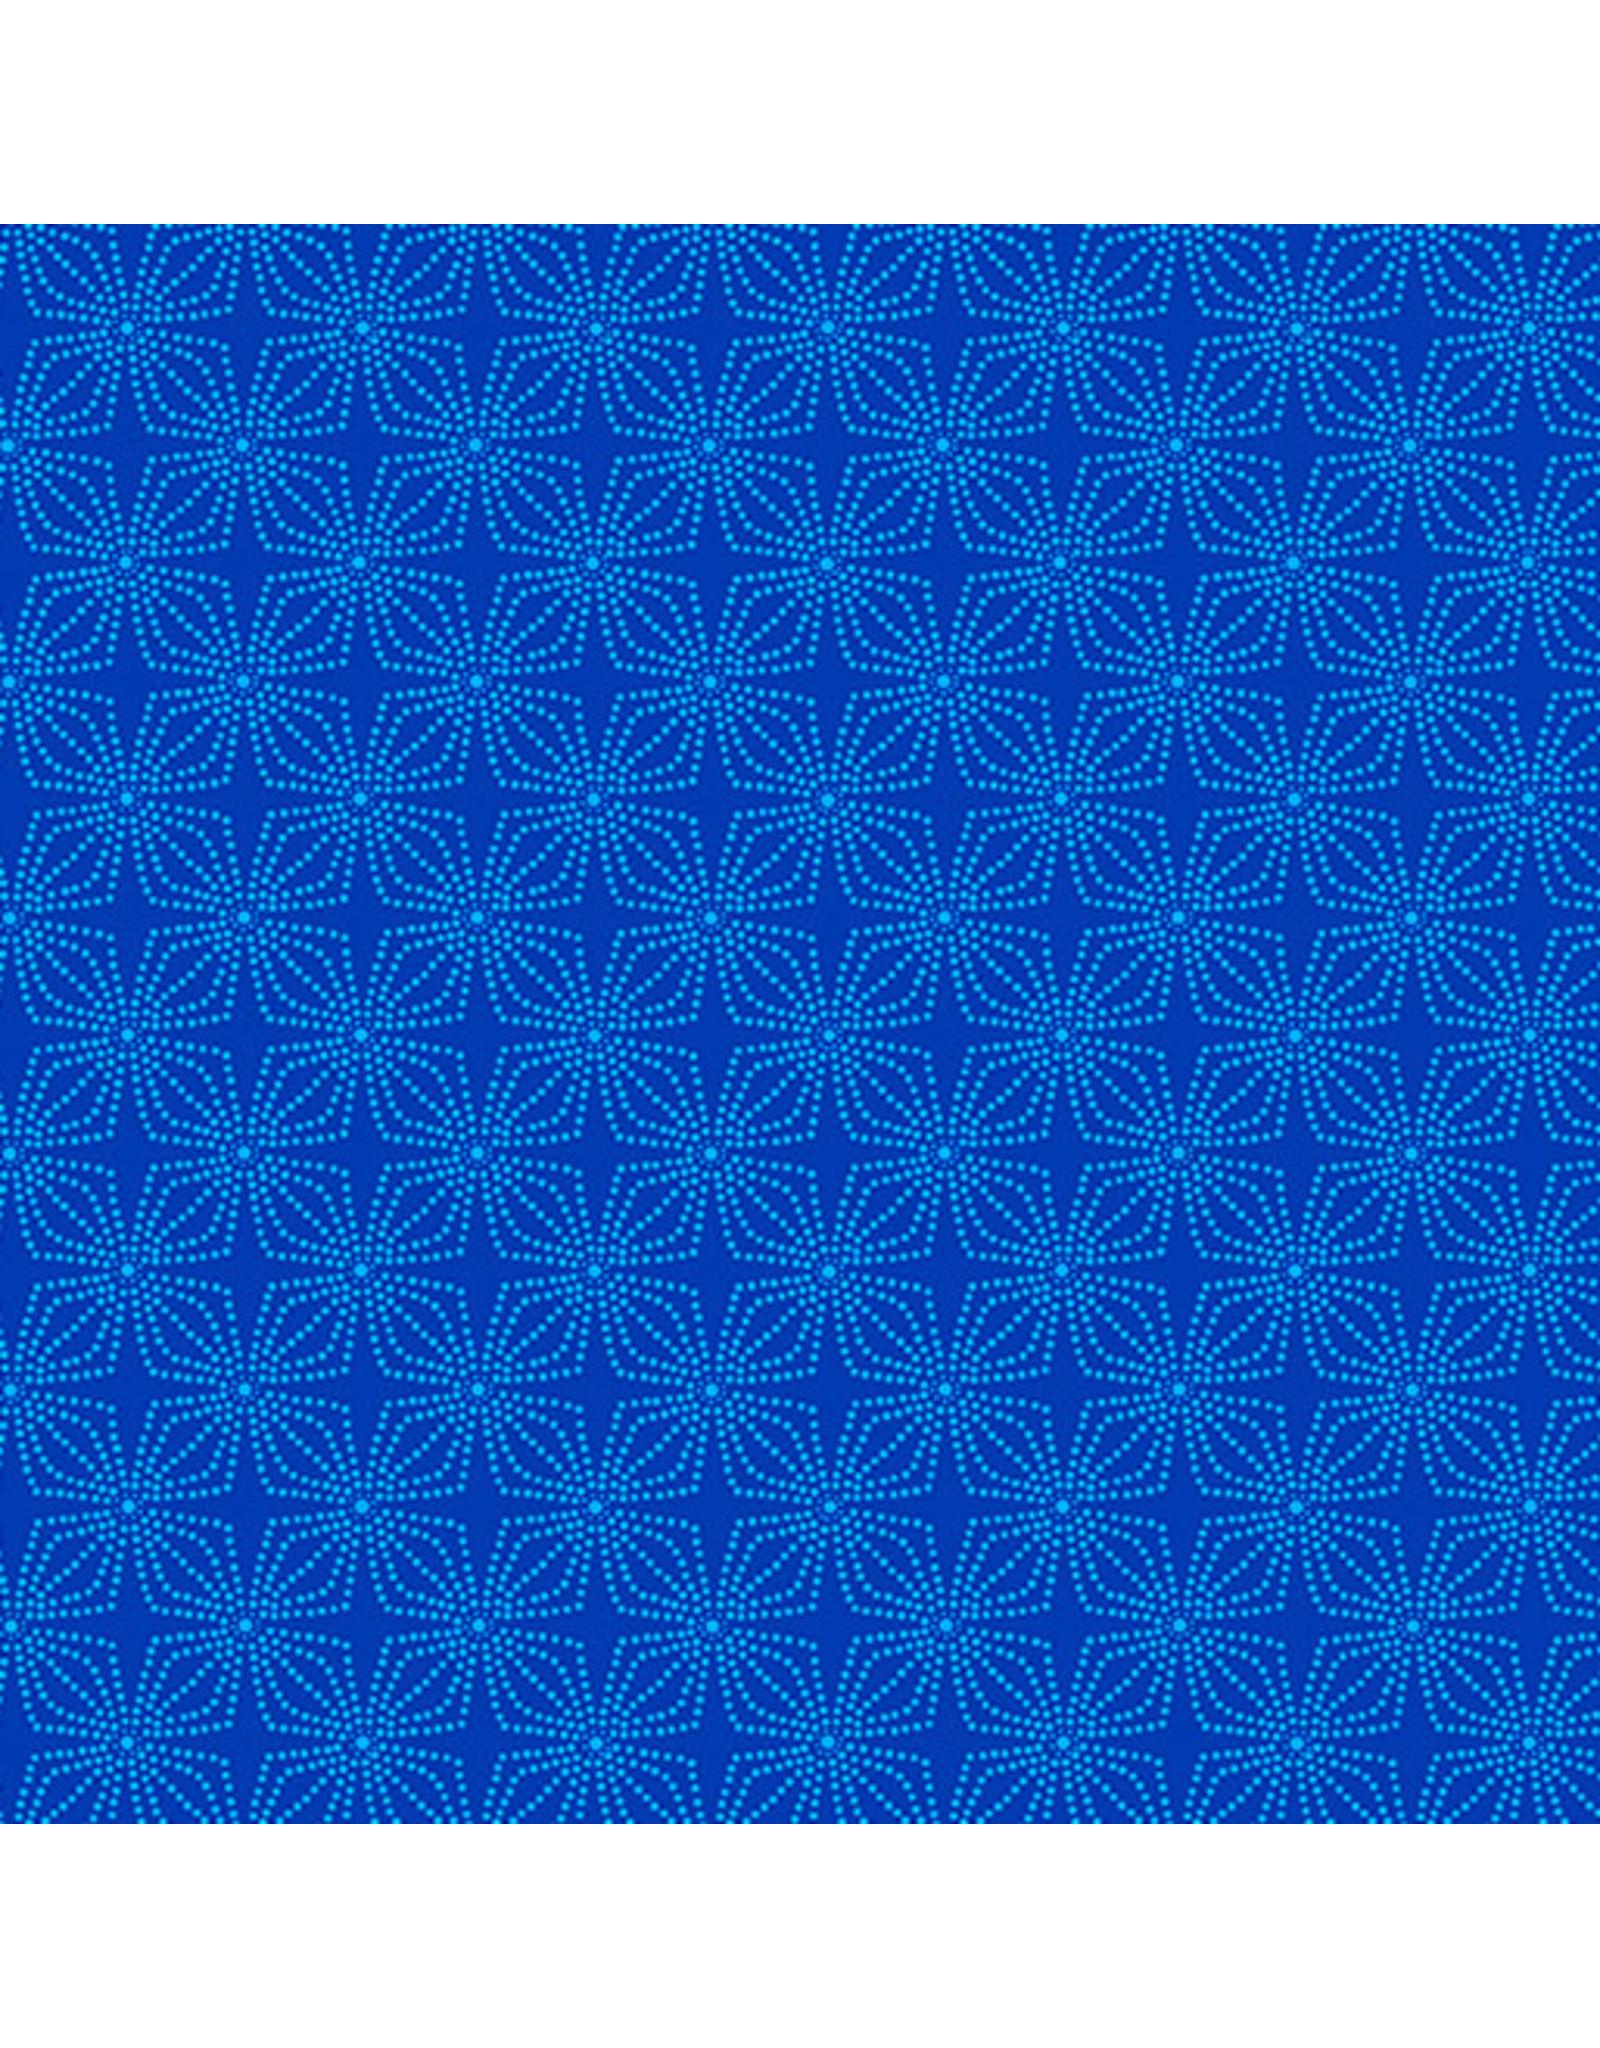 Kanvas Studio Geo Bloom - Cobalt